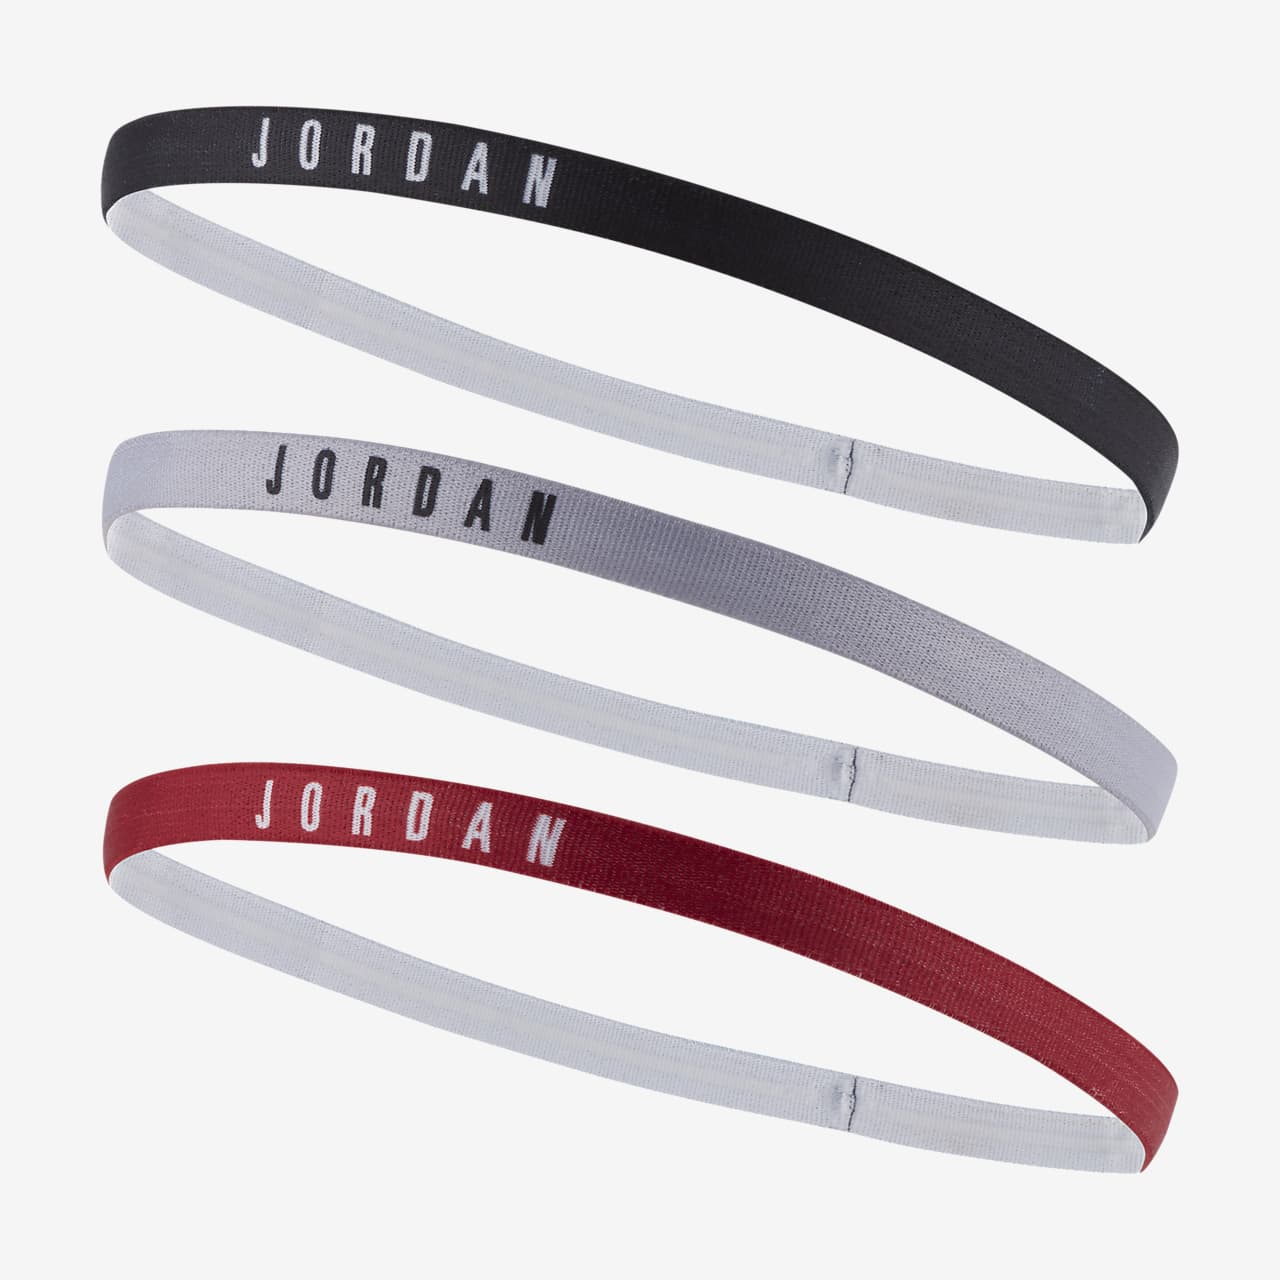 Jordan Headbands (3-Pack)